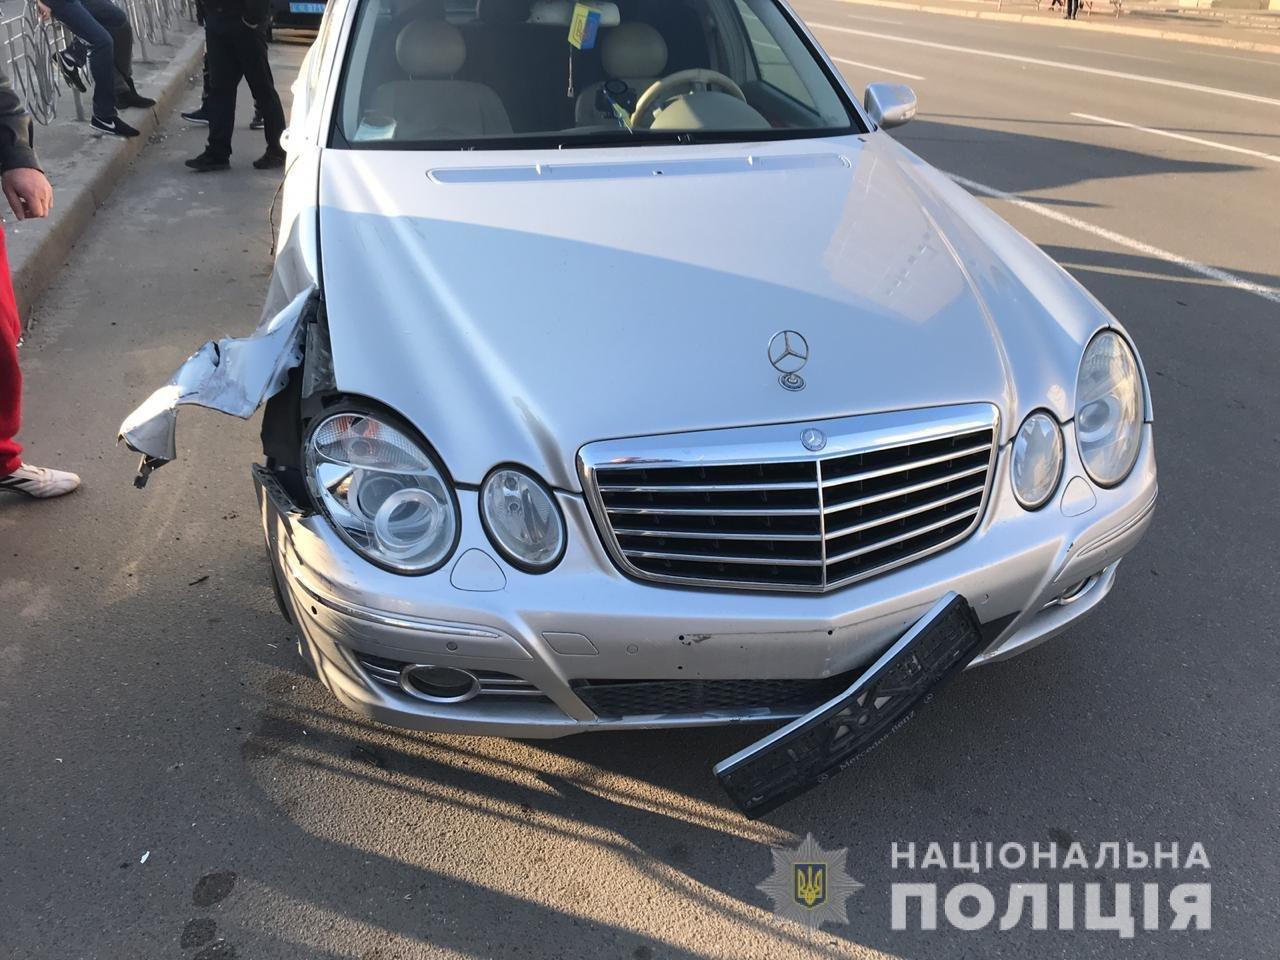 Cбил велосипедиста и скрылся с места ДТП: под Киевом задержали пьяного виновника аварии, фото-1